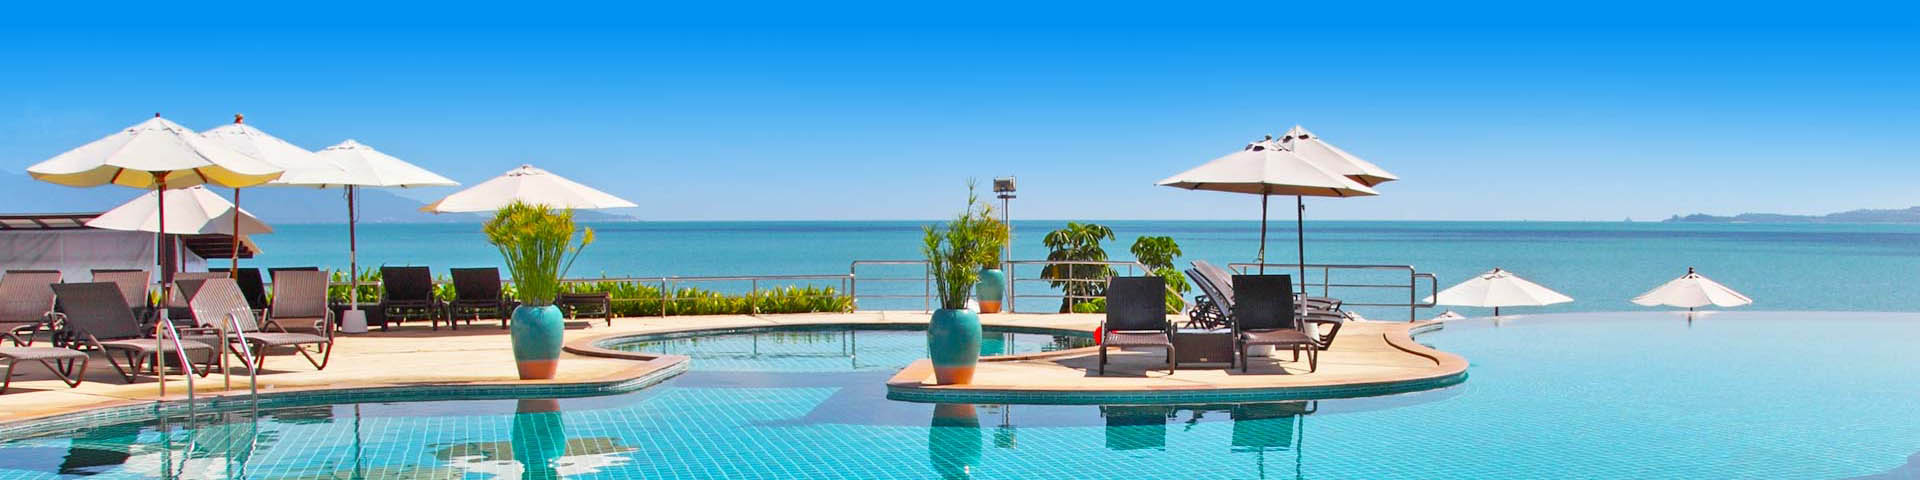 Luxe all inclusive resort met zwembad en ligbedden aan de zee